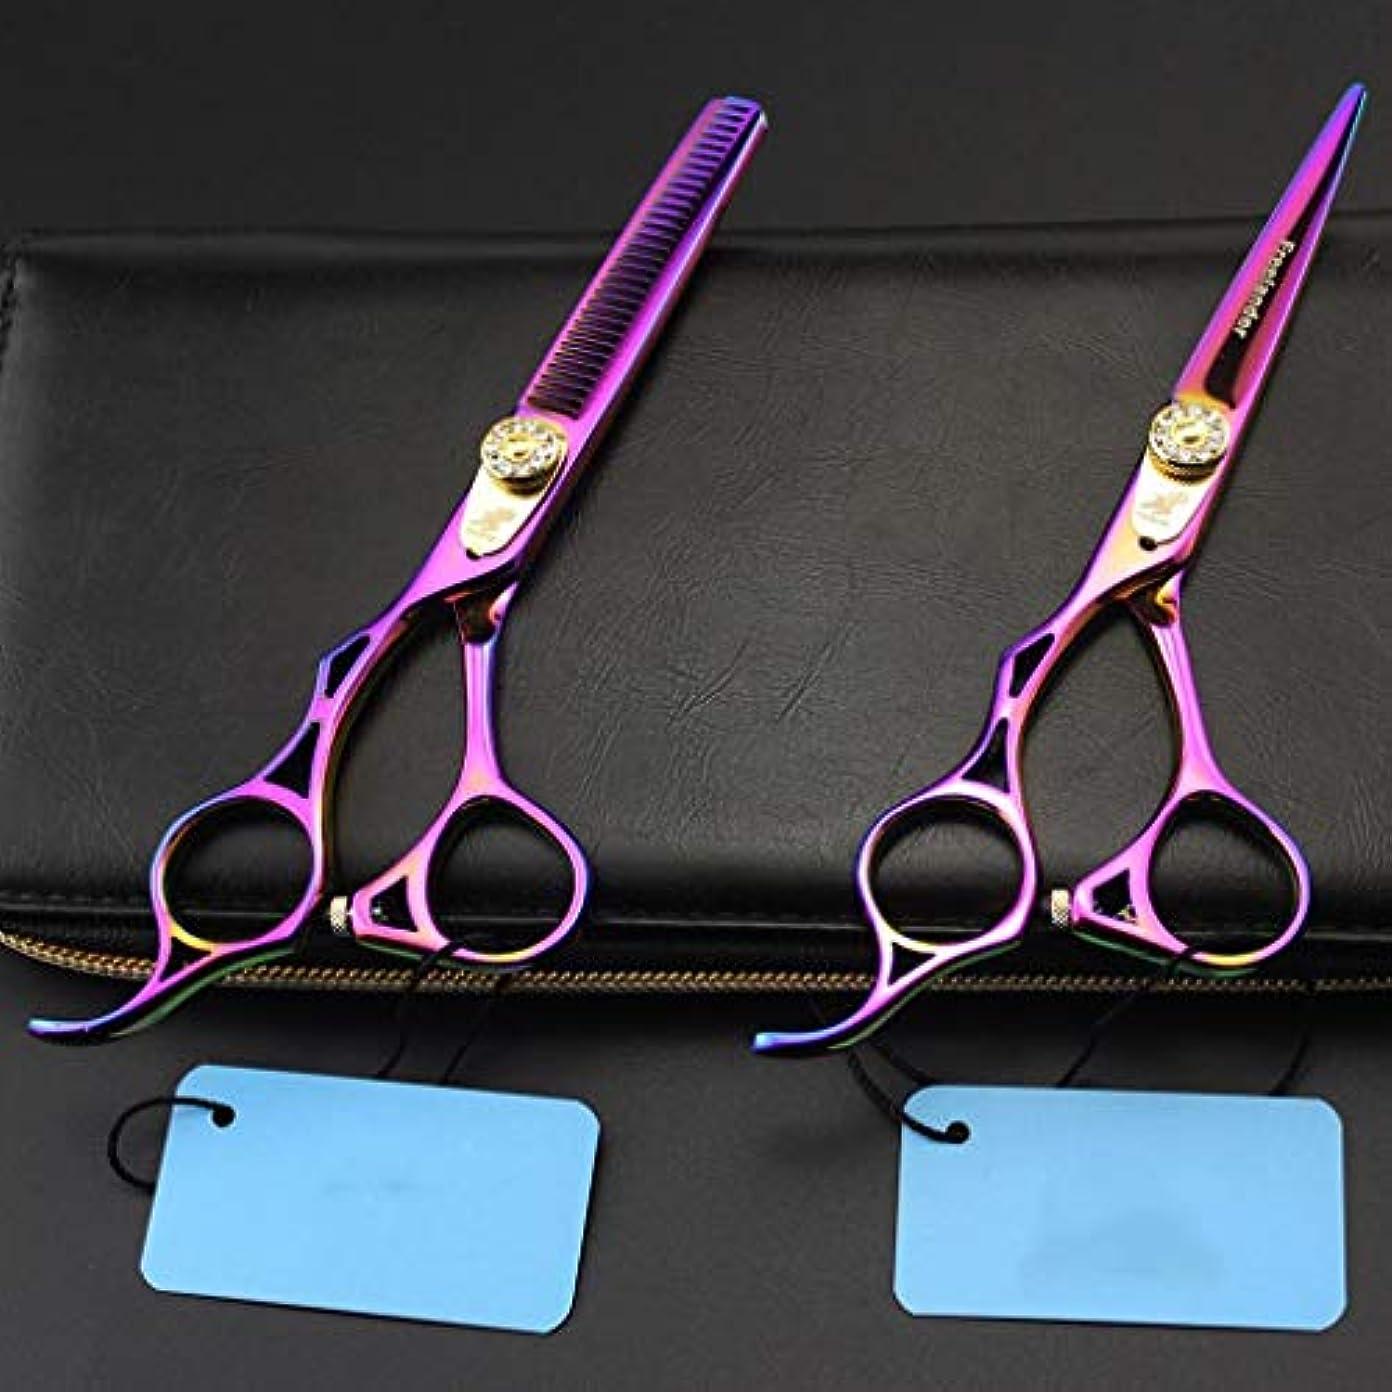 オーストラリア人留まる完璧5.5インチのステンレス鋼の左手の理髪師の切断および間伐はさみ人格の曲がるハンドル回転式美容院および家の使用のための紫色